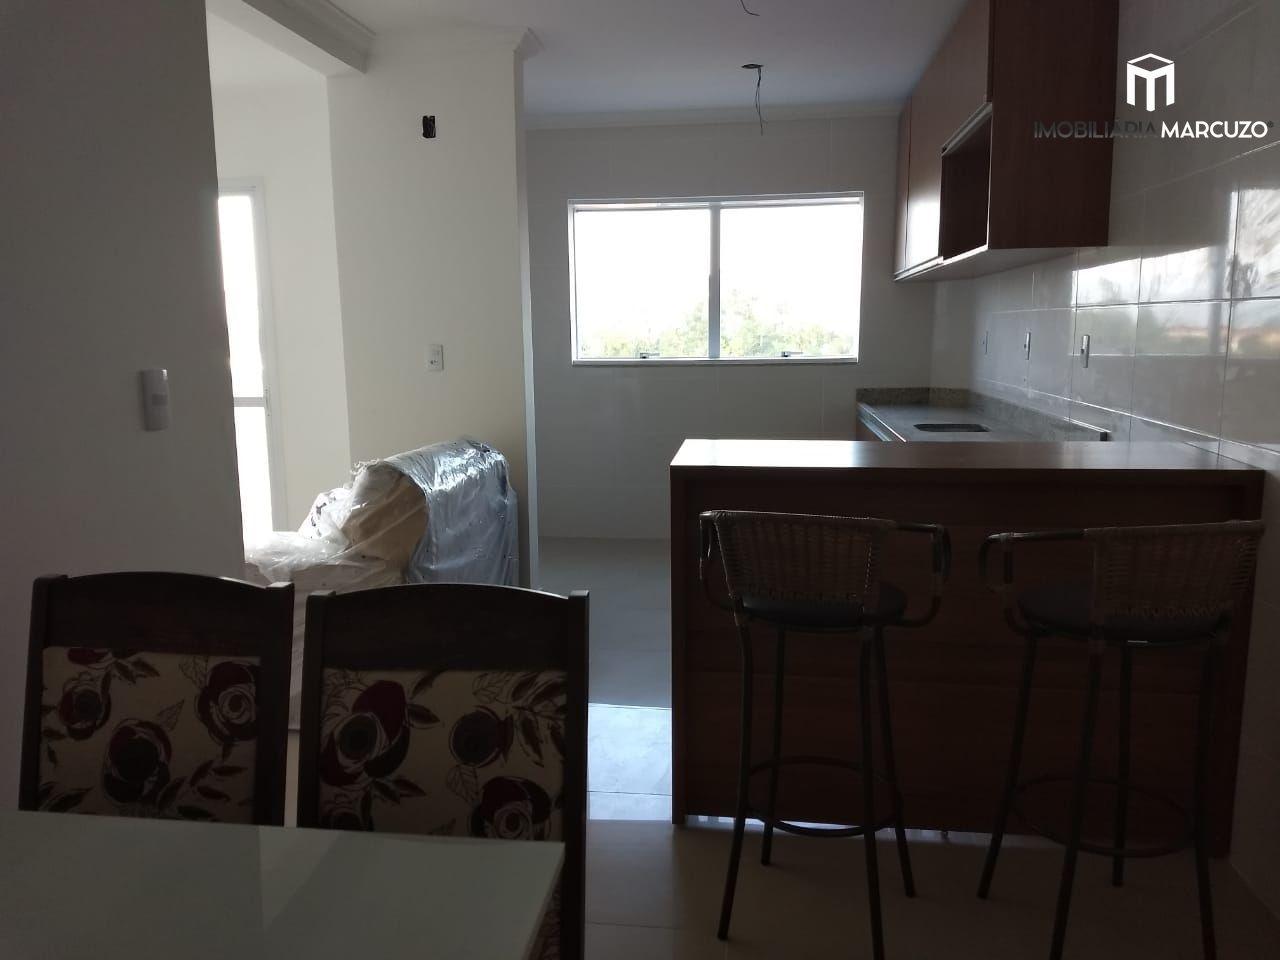 Apartamento com 2 Dormitórios à venda, 62 m² por R$ 310.000,00